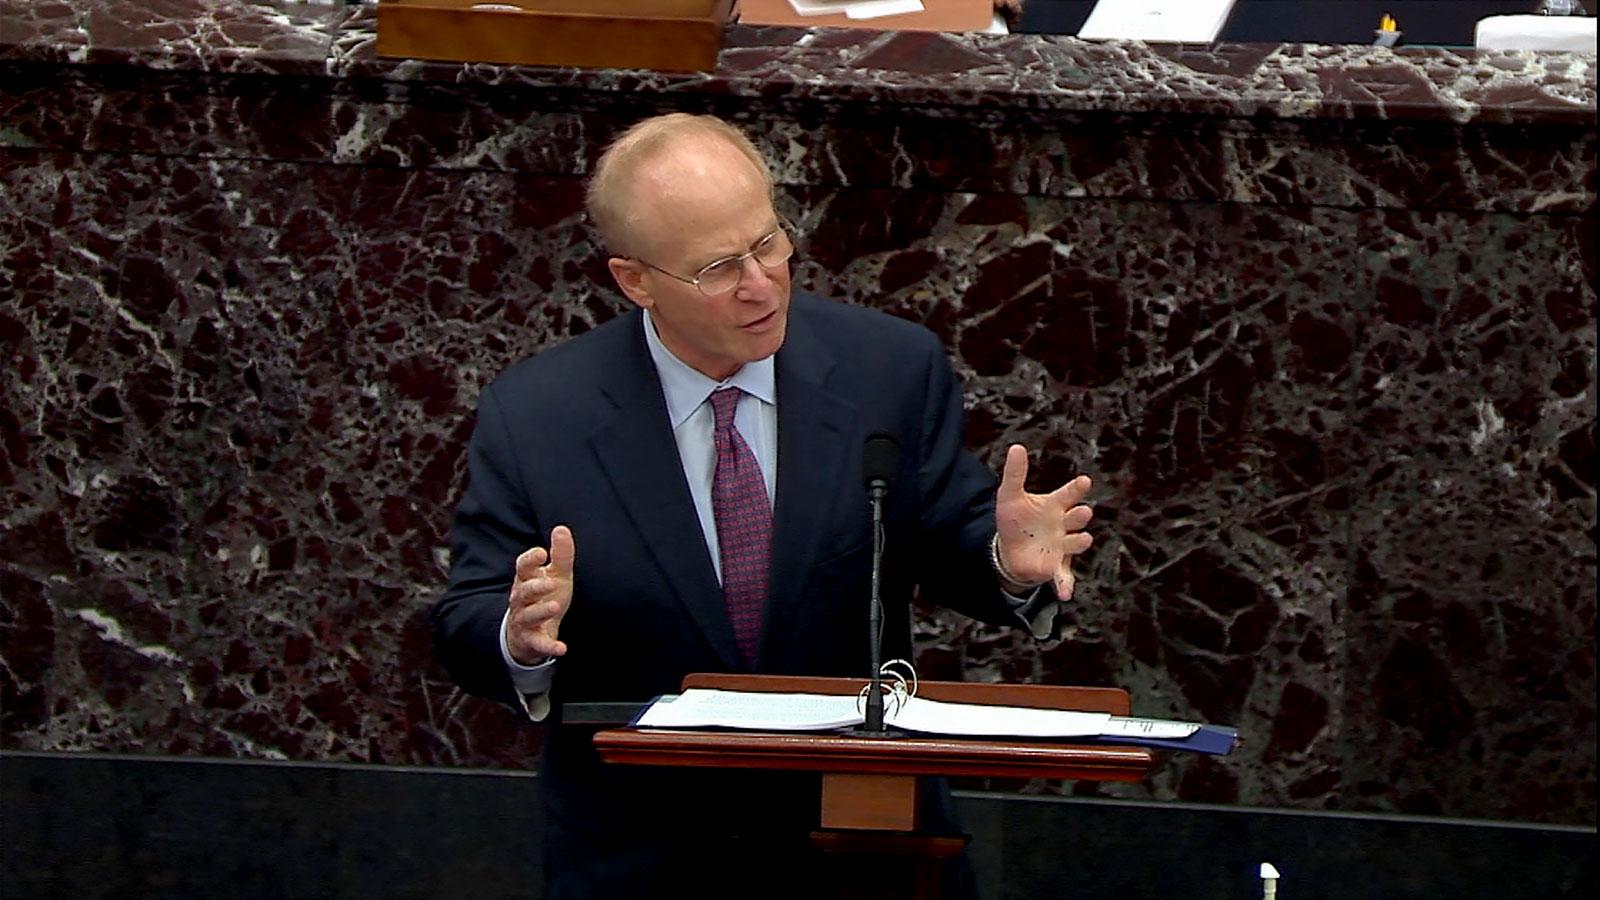 David Schoen speaks on the Senate floor.